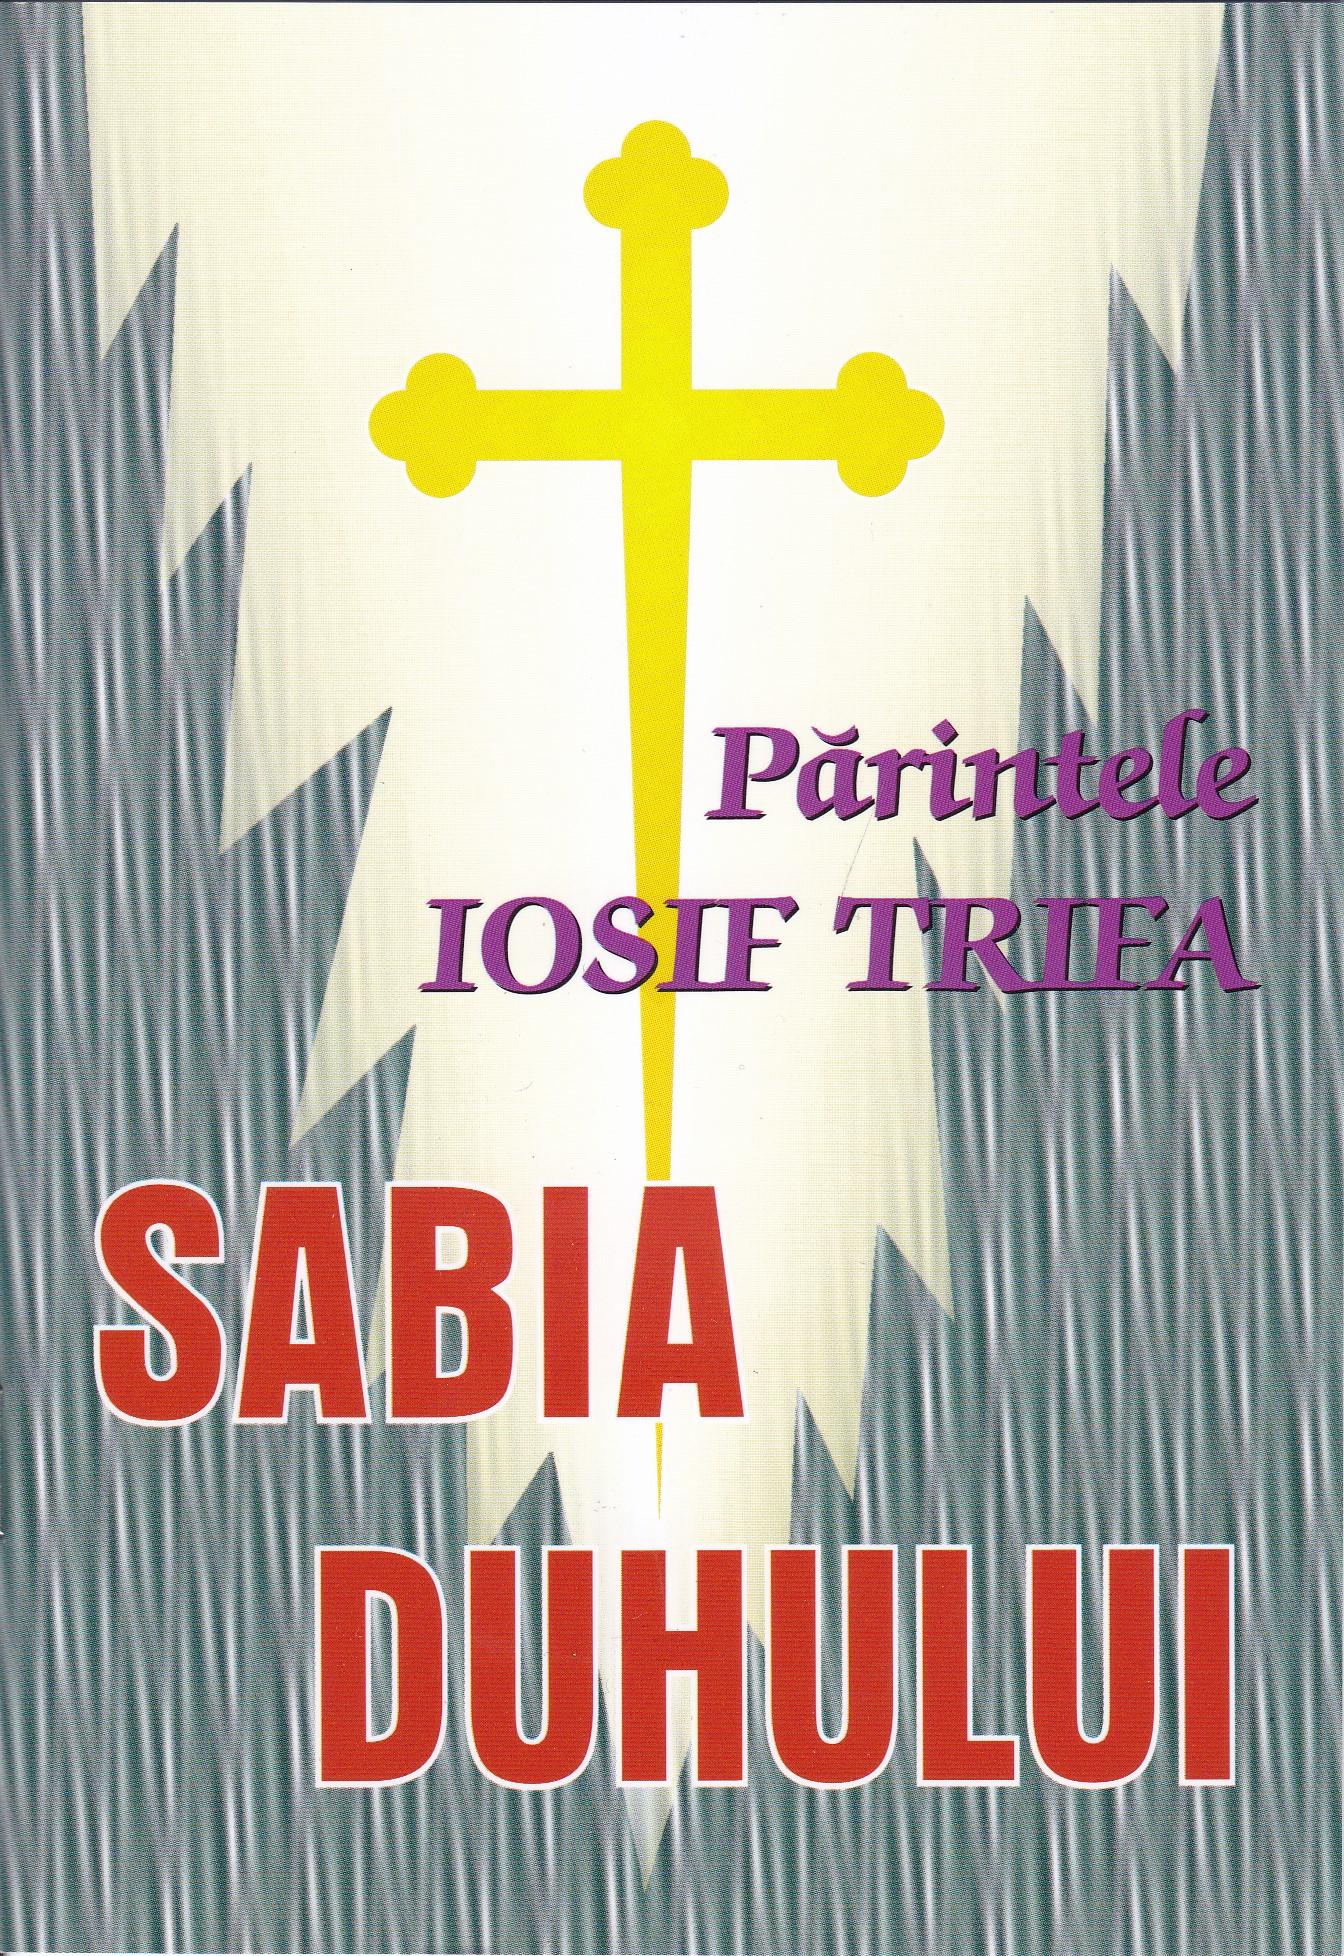 Sabia Duhului